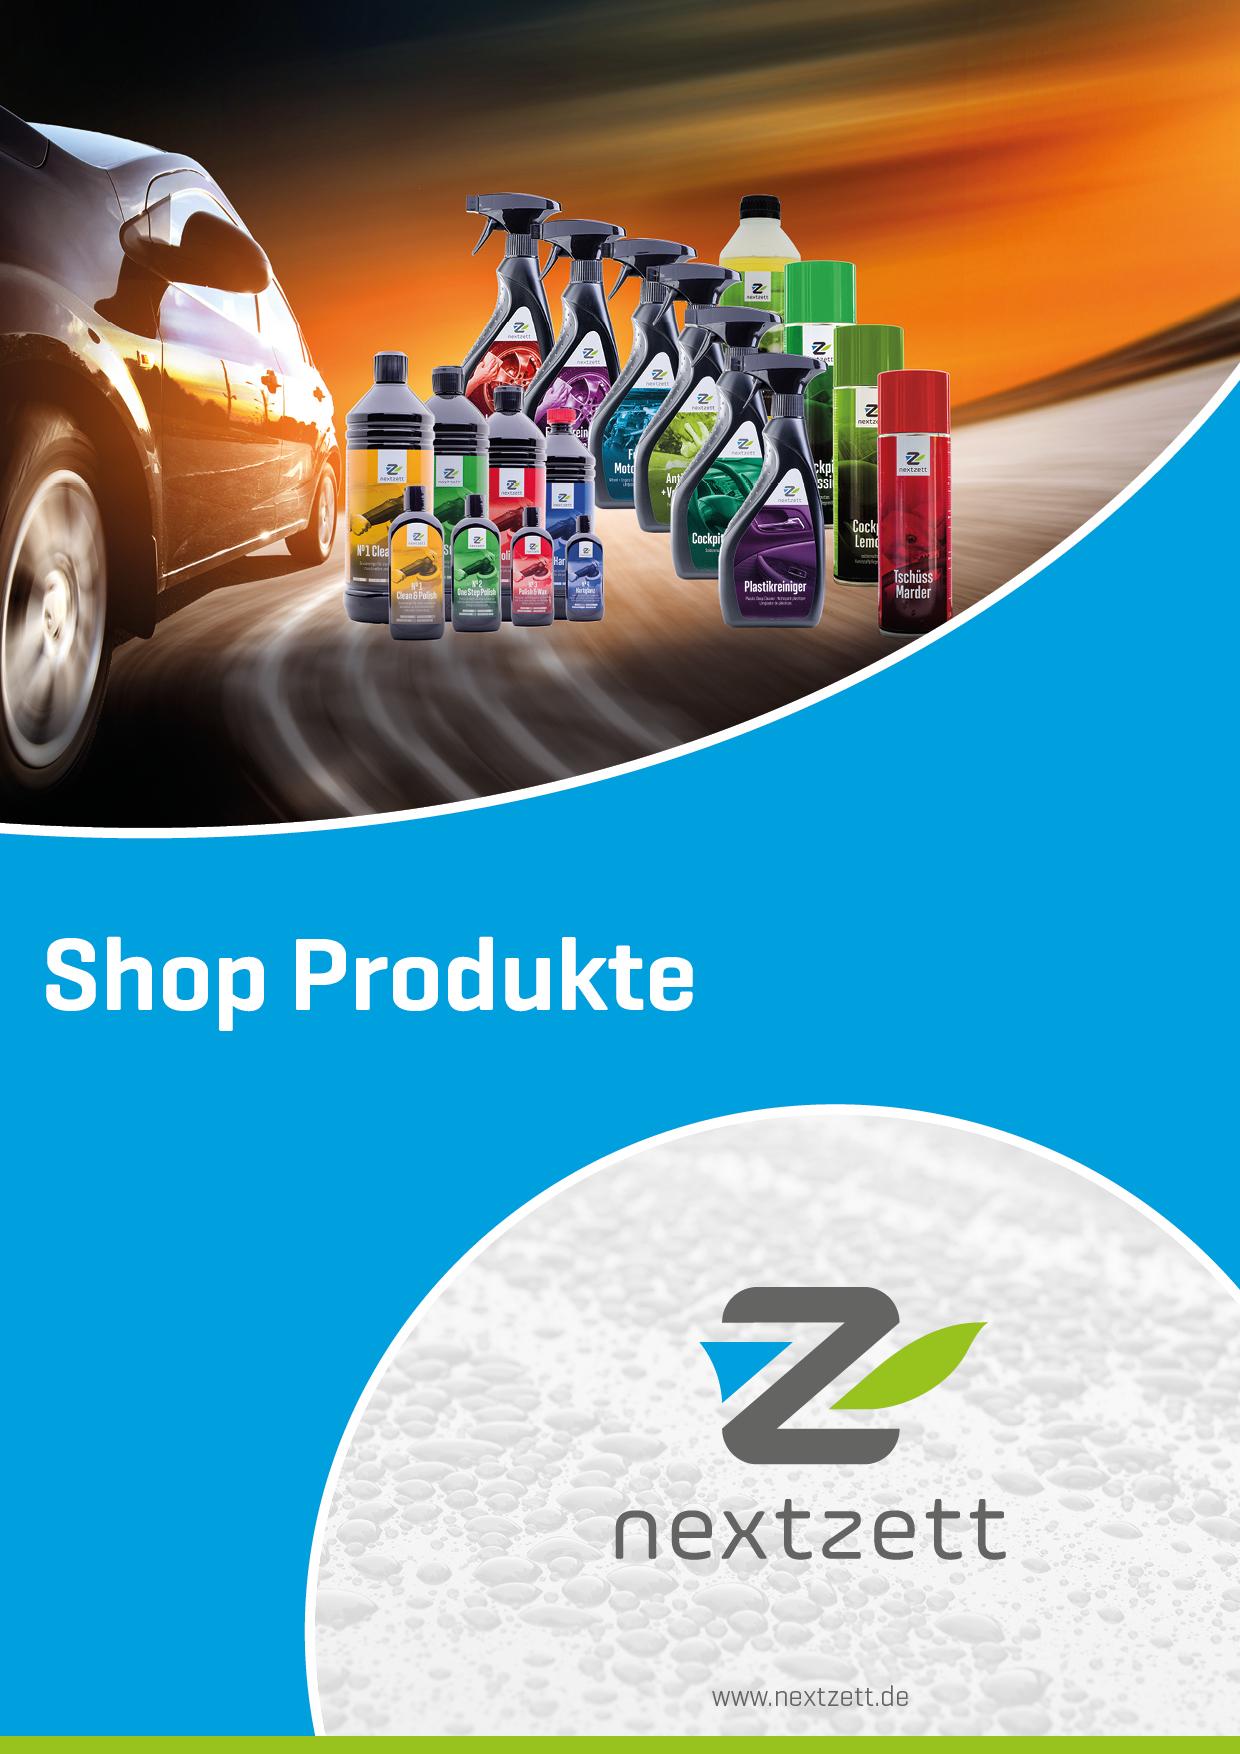 Aktuelle Nextzett Kataloge Vom Shop Produkt Bis Zum Großkunden